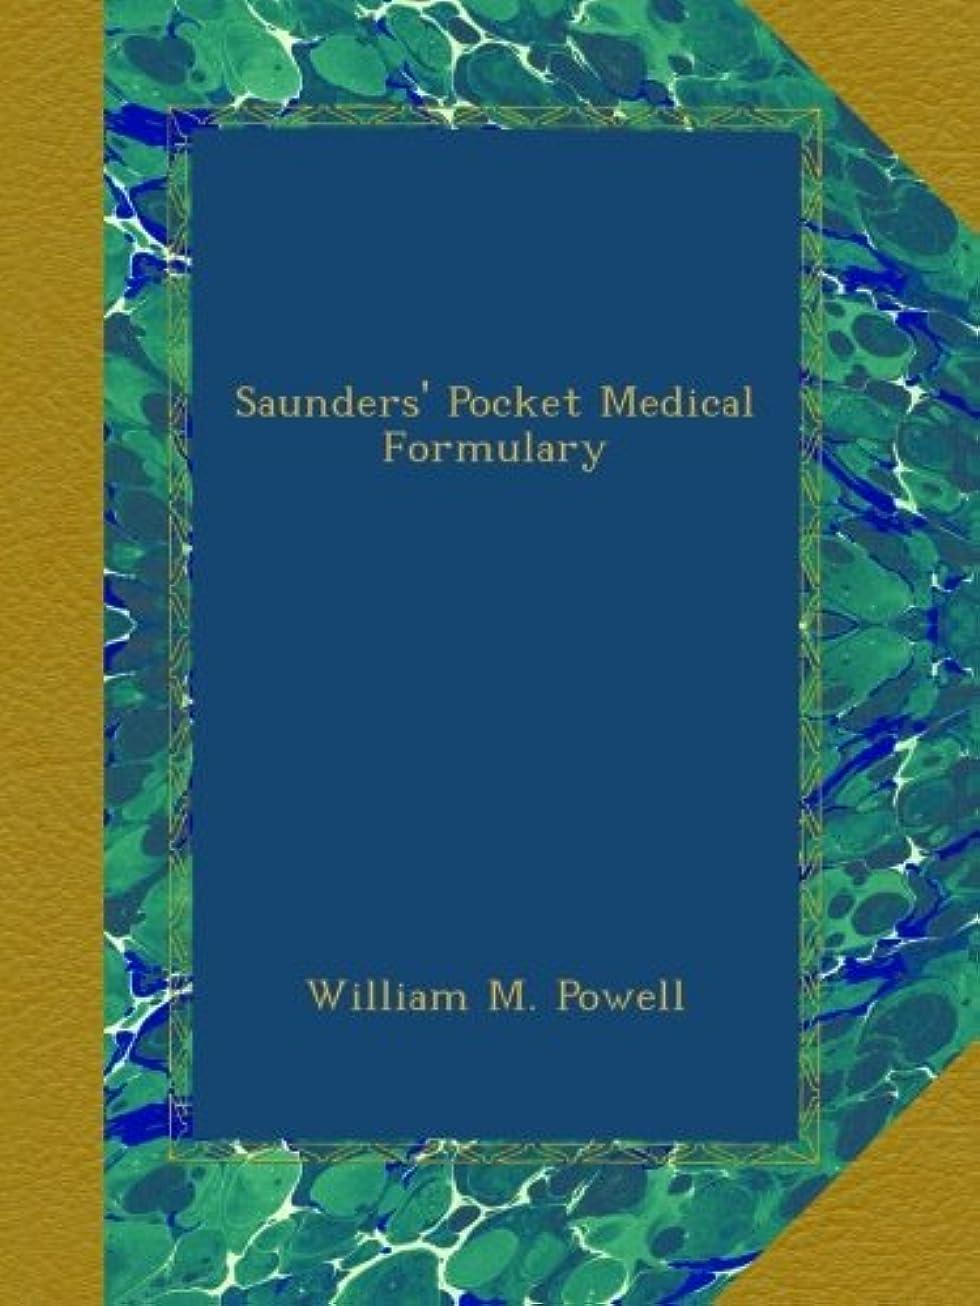 口金額インクSaunders' Pocket Medical Formulary